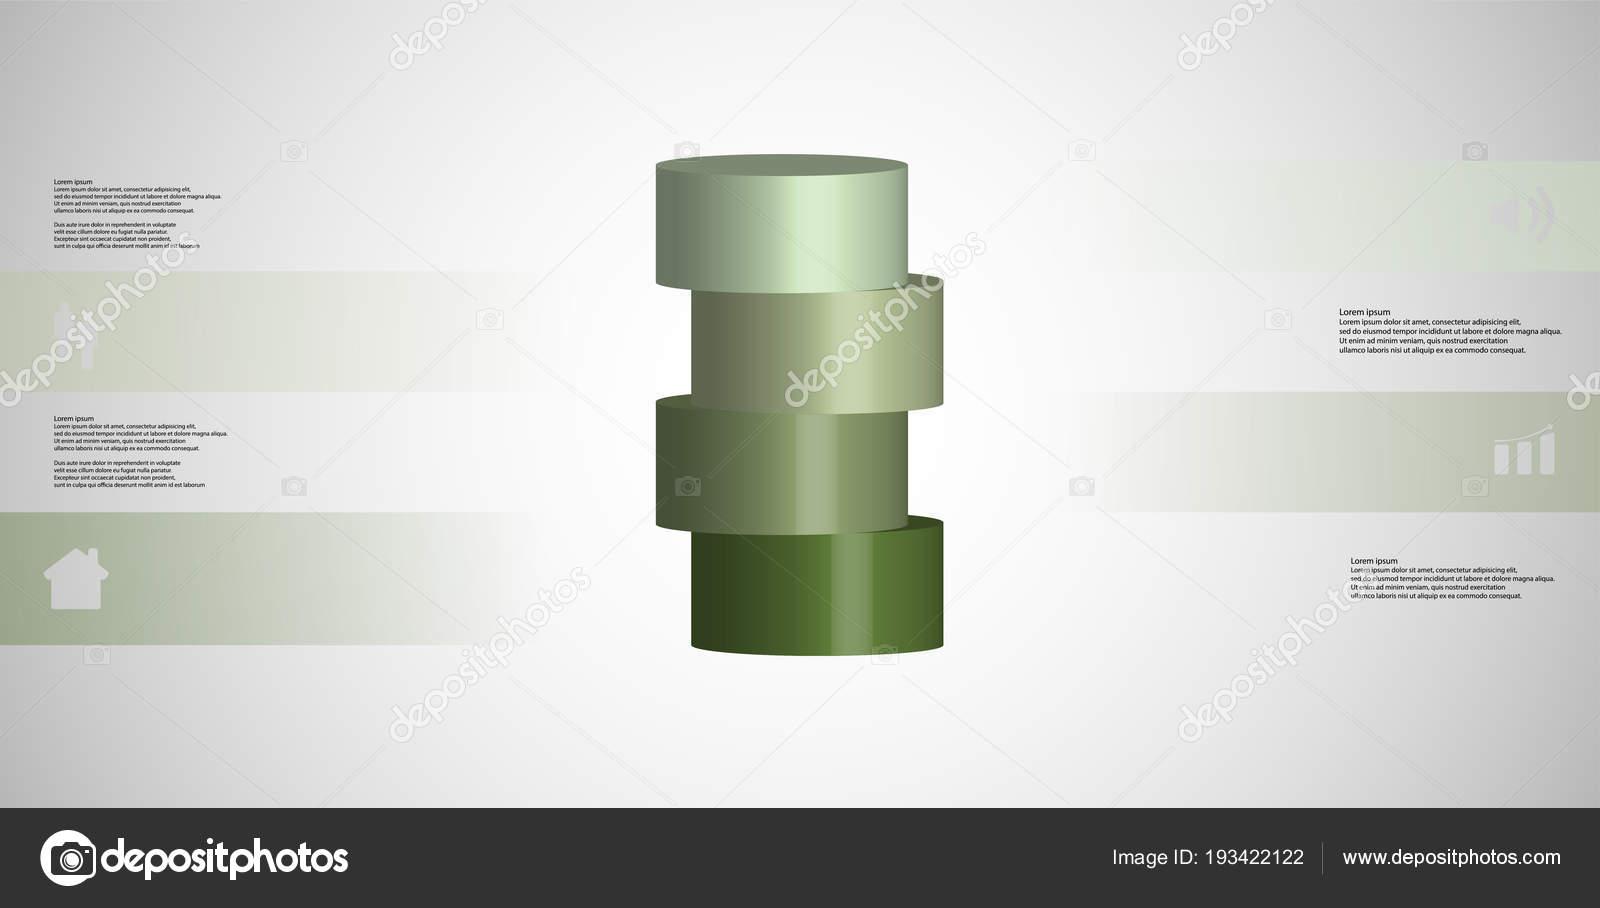 シリンダーと 3 d イラスト インフォ グラフィック テンプレートは水平